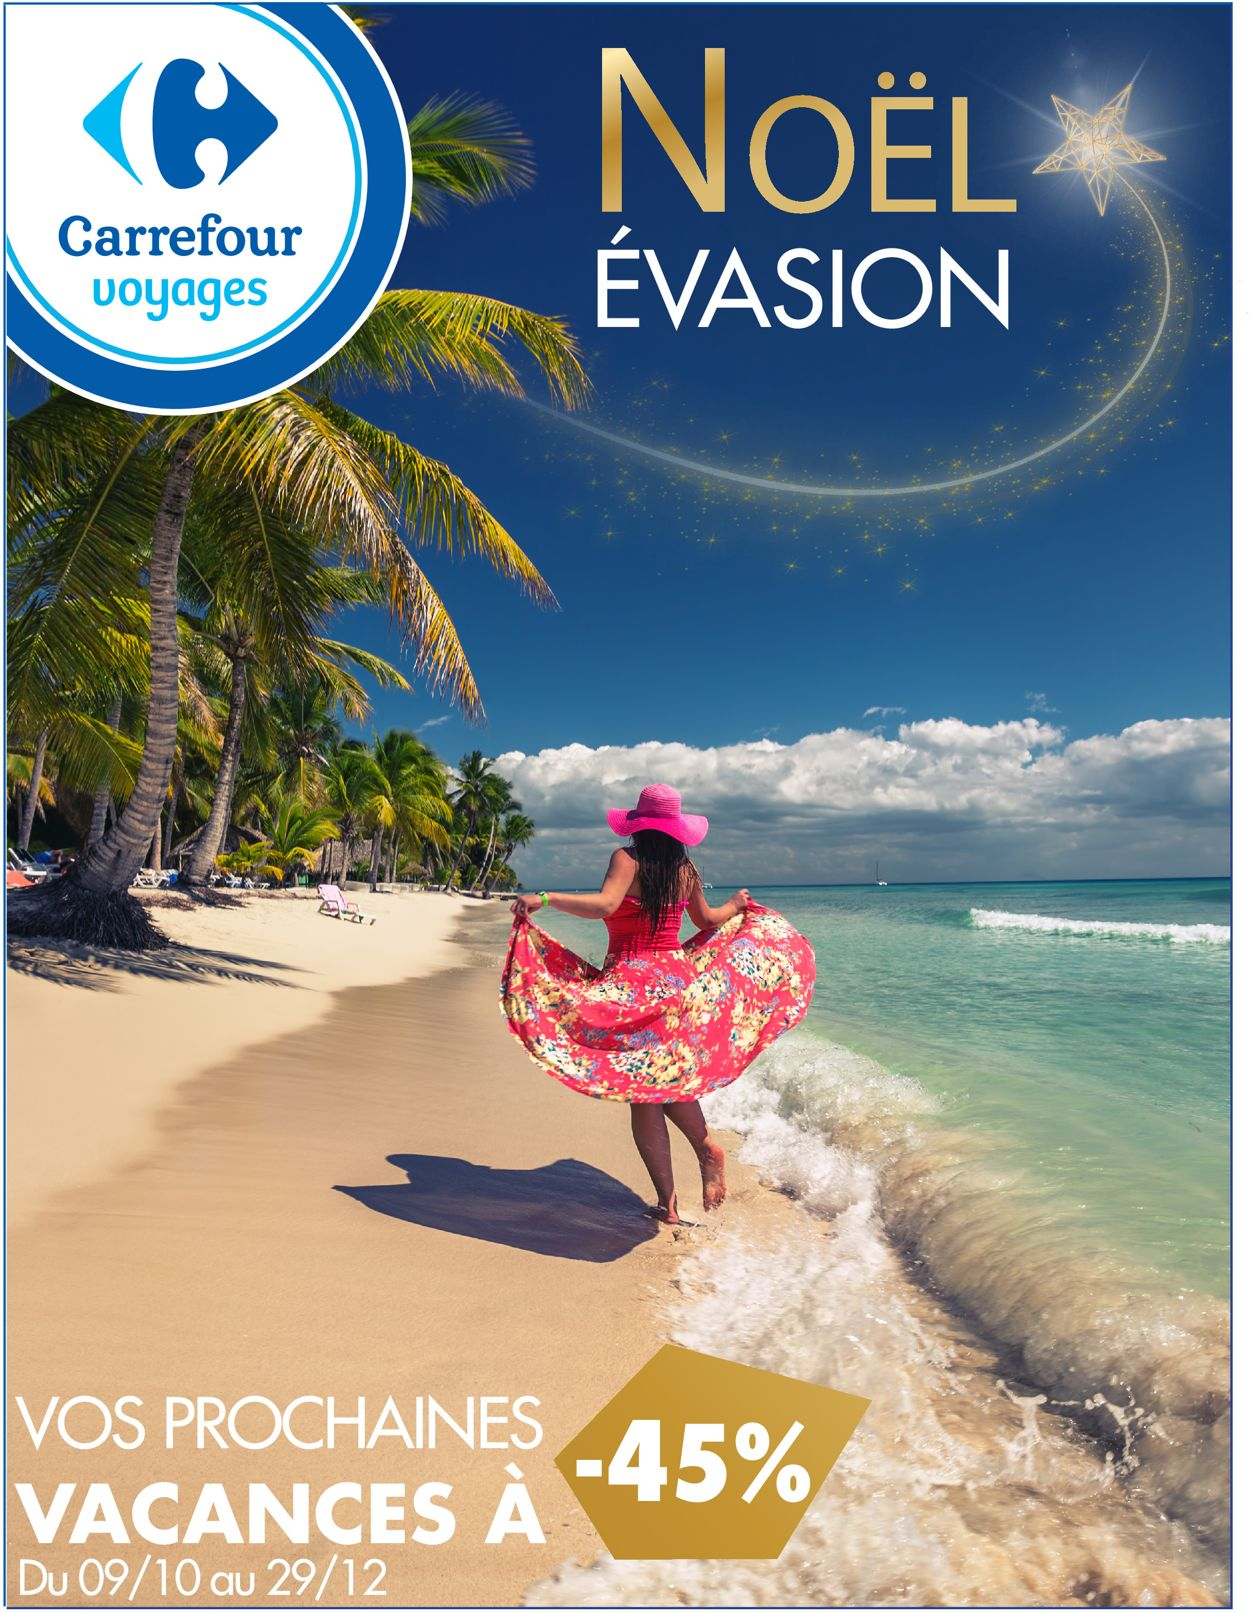 Carrefour Catalogue - 09.12-29.12.2019